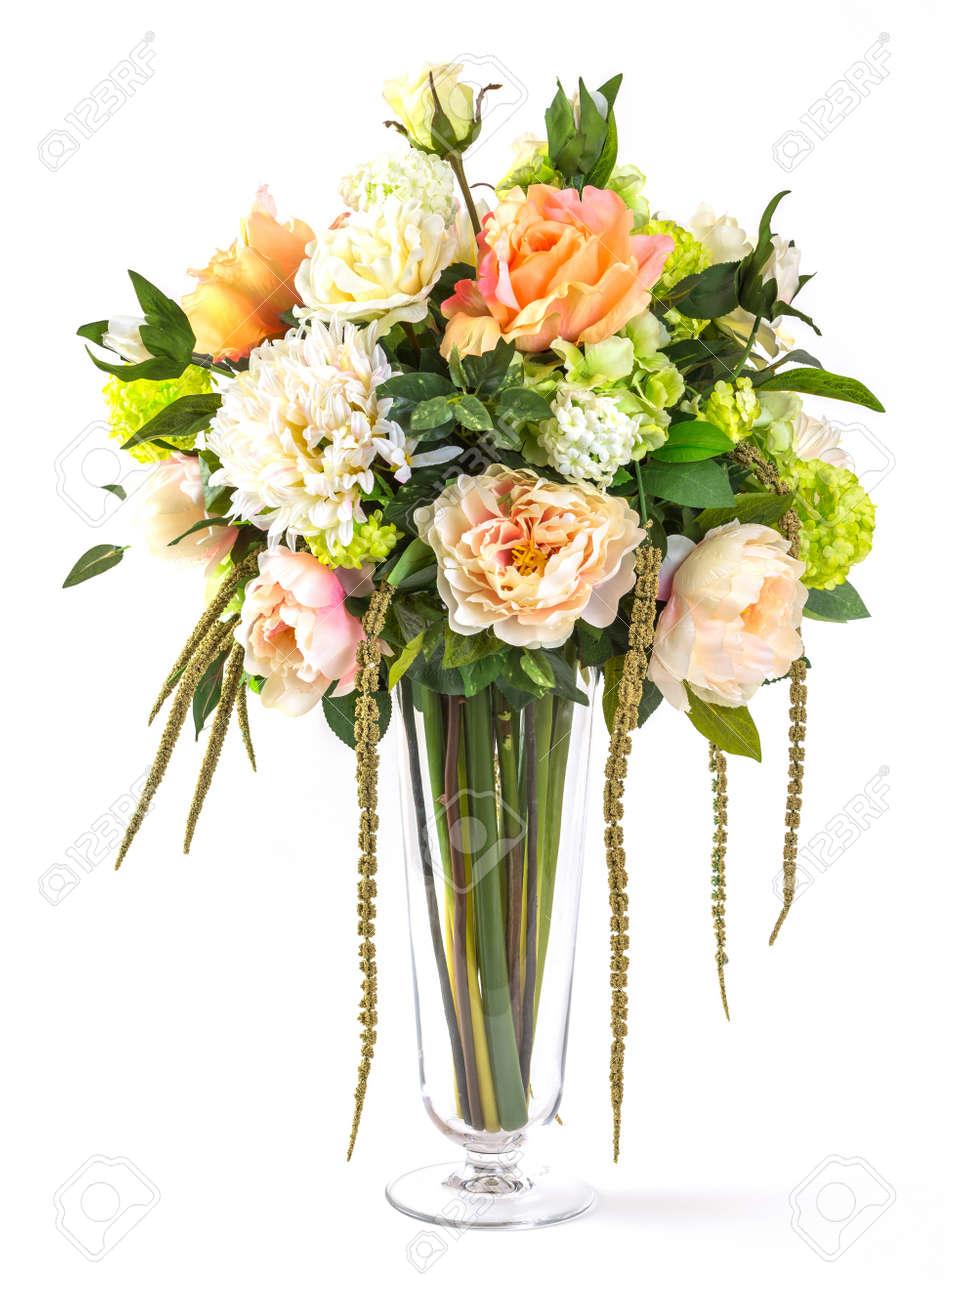 bouquet de rosas y flores de hortensias en florero de vidrio aislado en blanco foto de